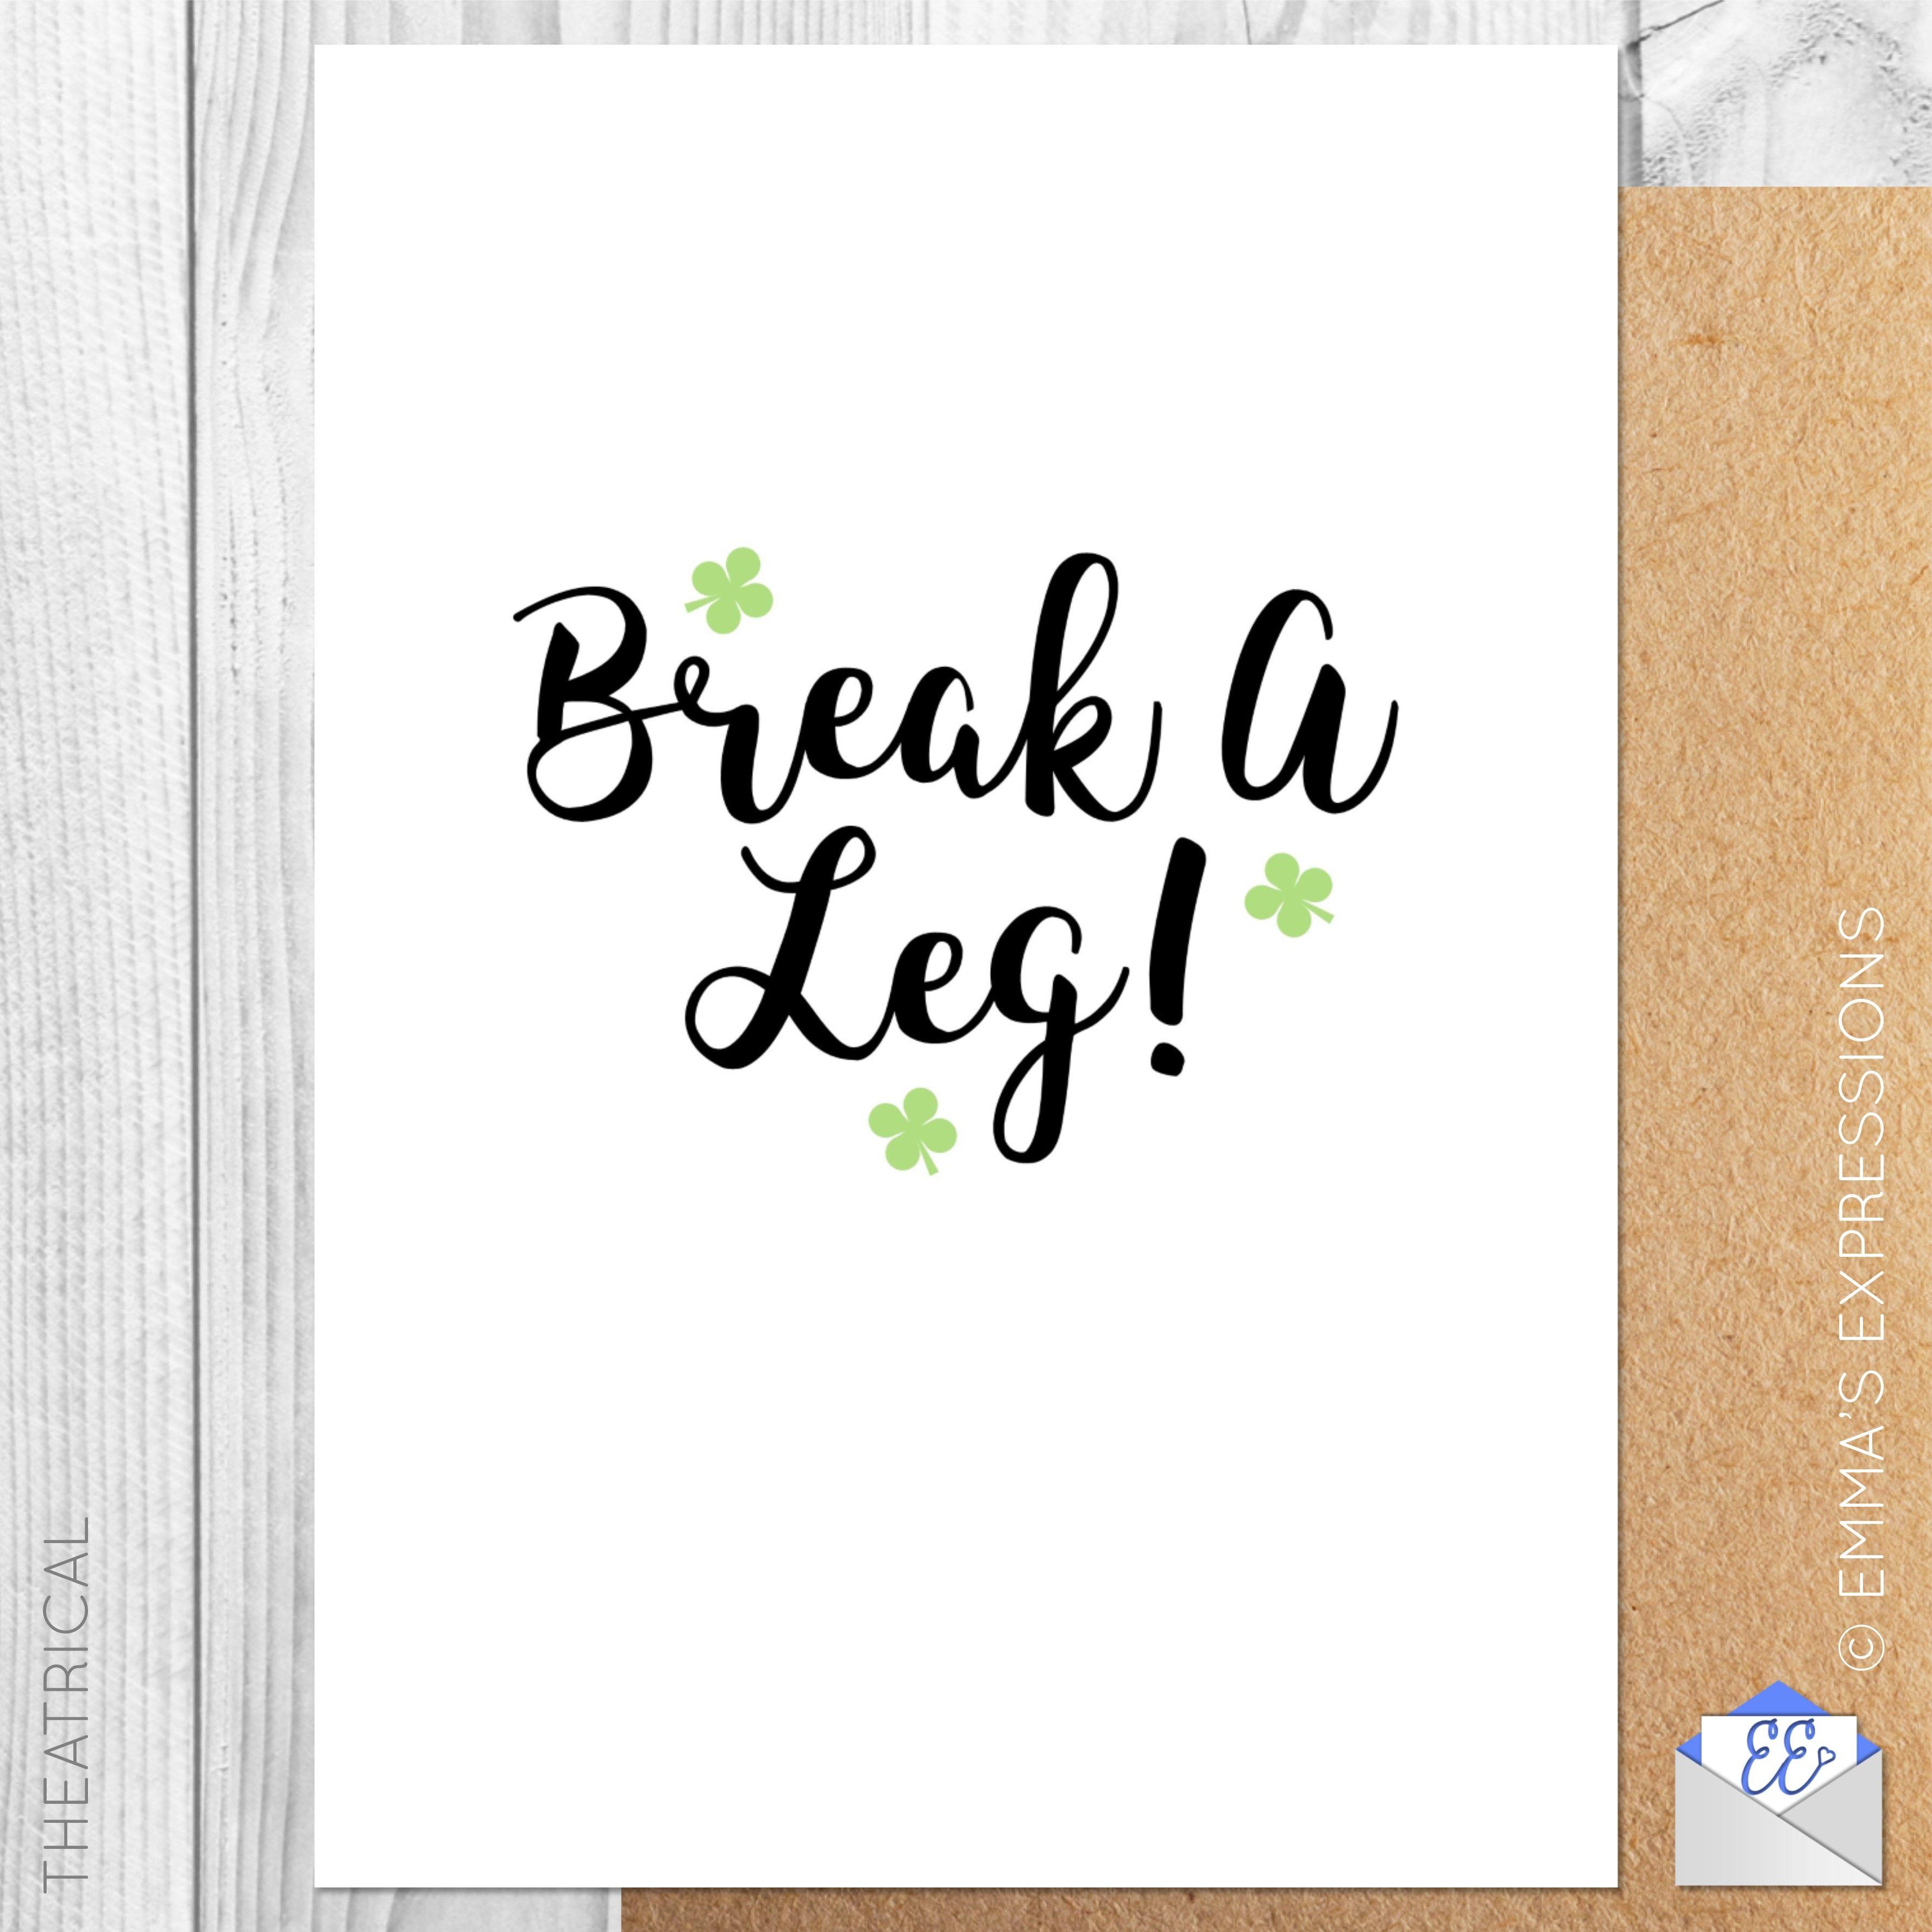 Break A Leg By Eli Rolandova On Etsy Pinned With Treasurypin Com